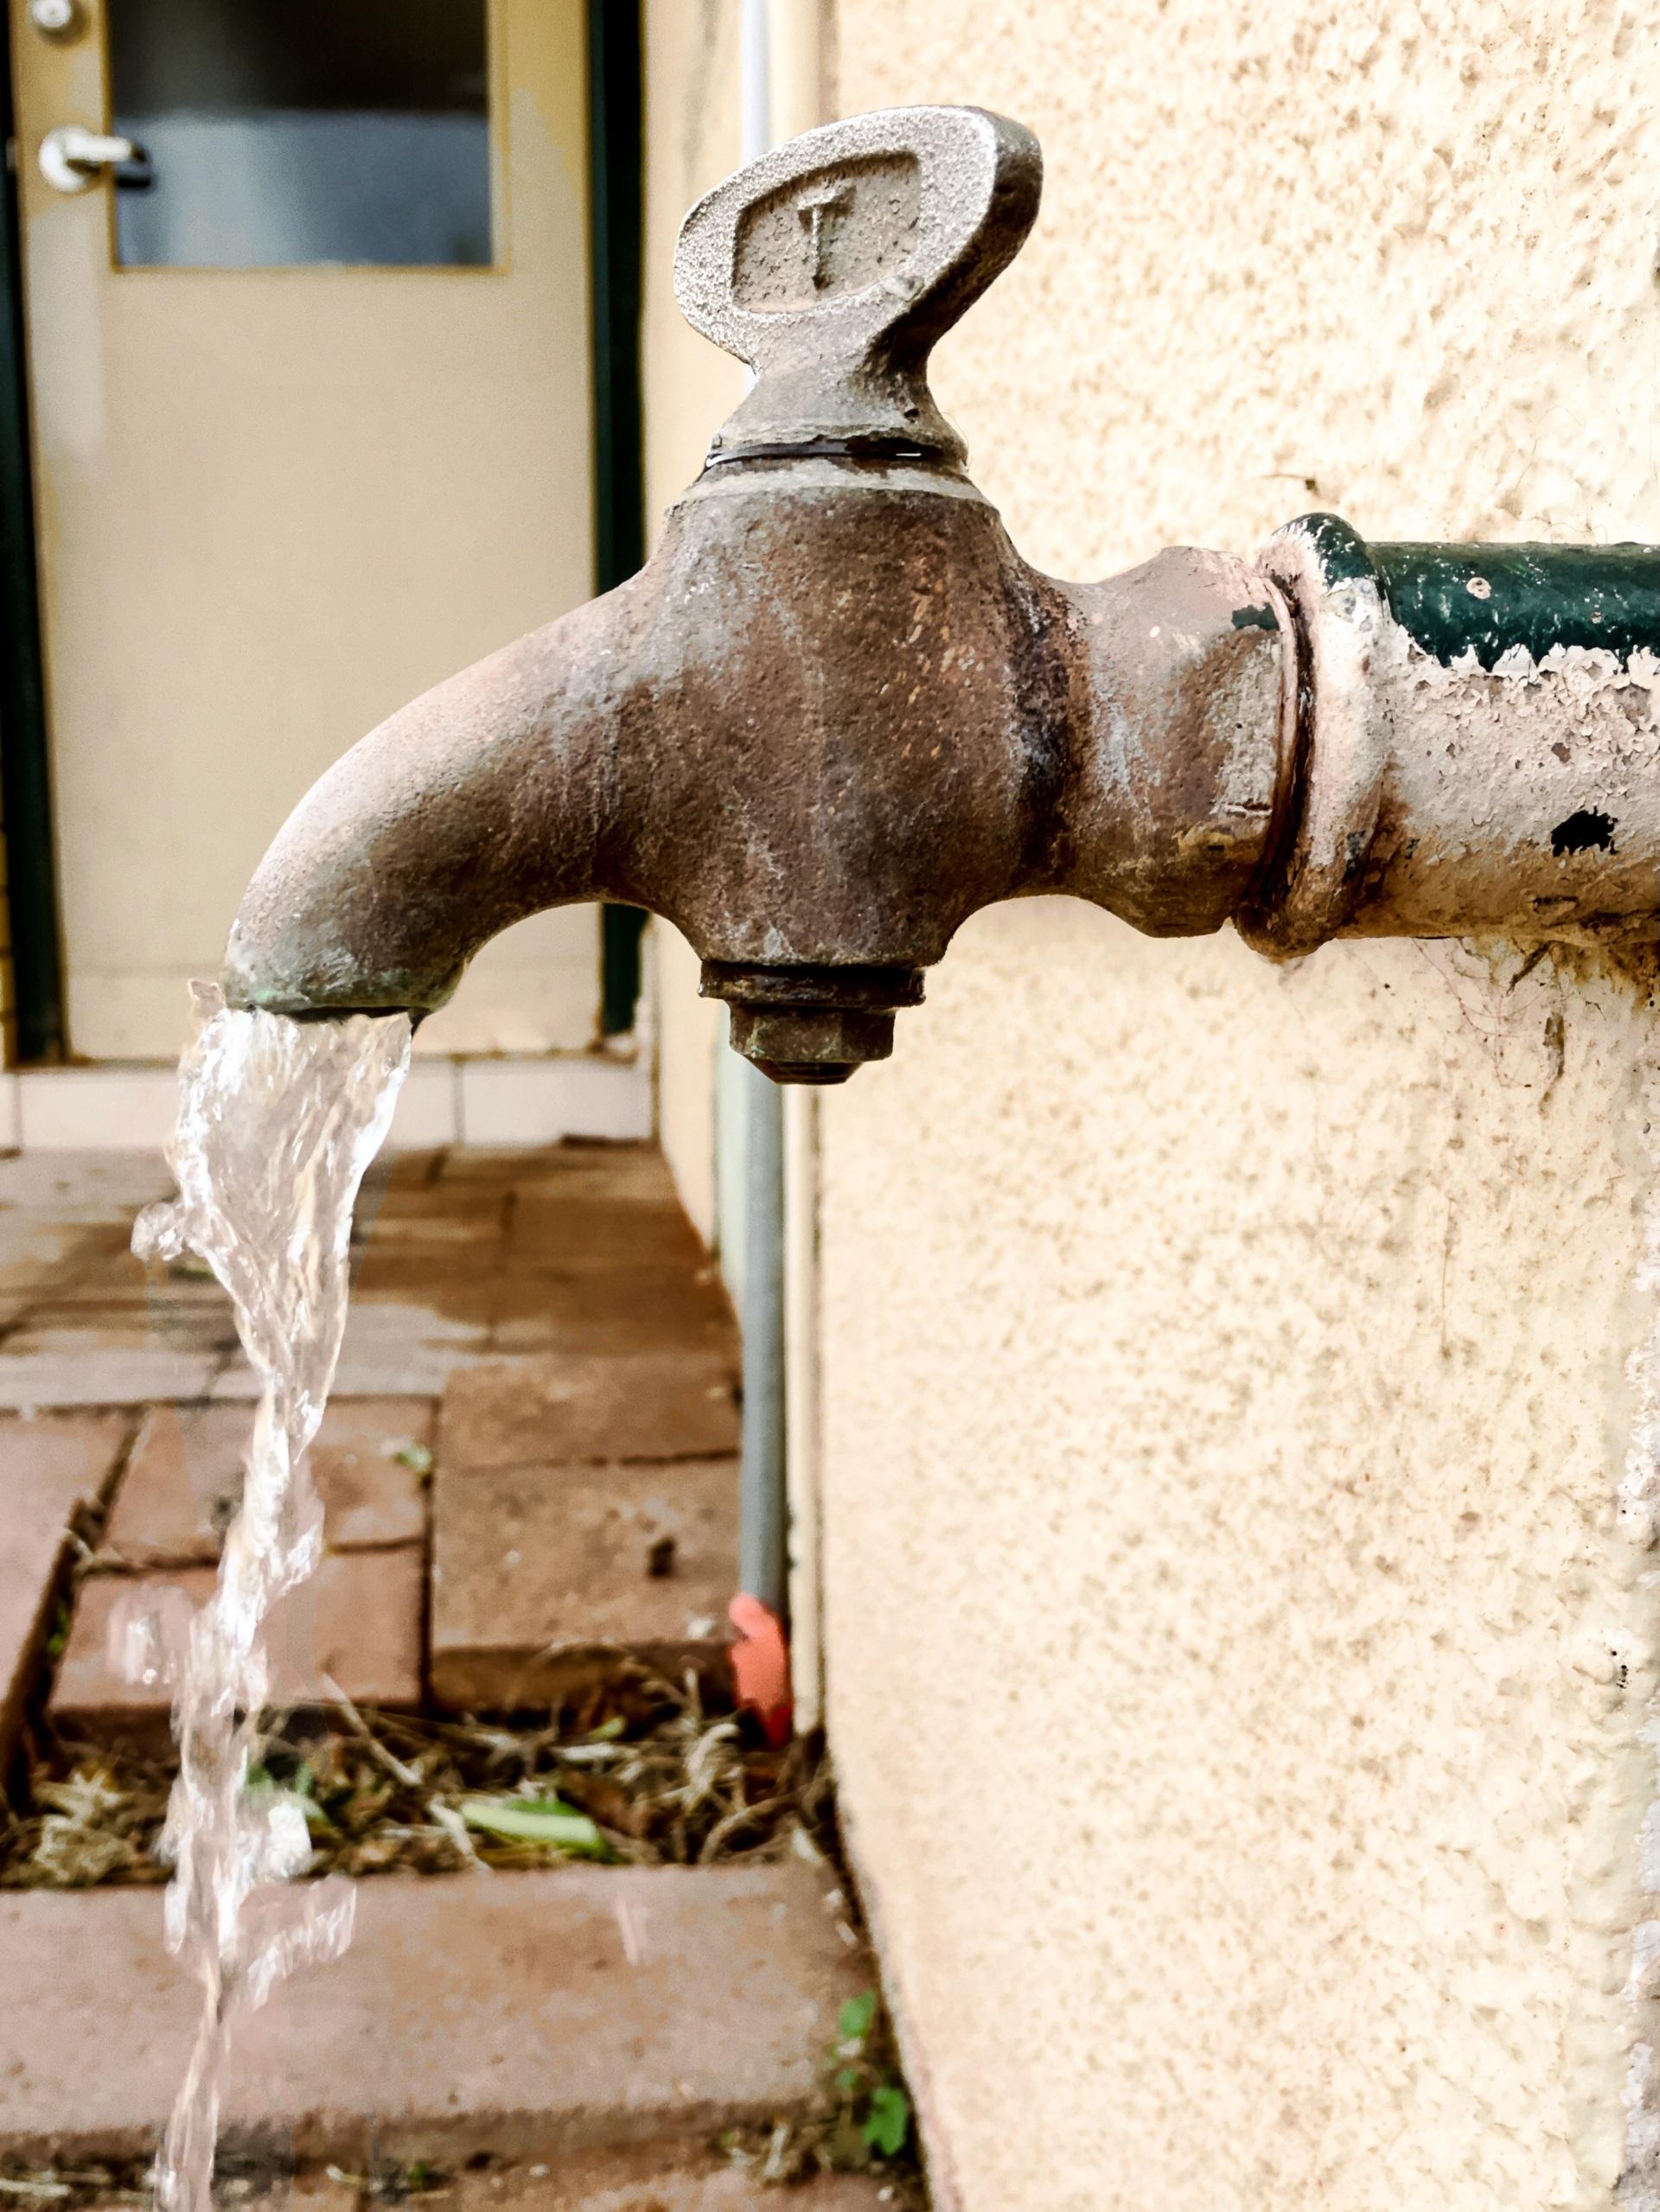 Foap.com: Outdoor water faucet tap spigot pipe, antique, vintage ...